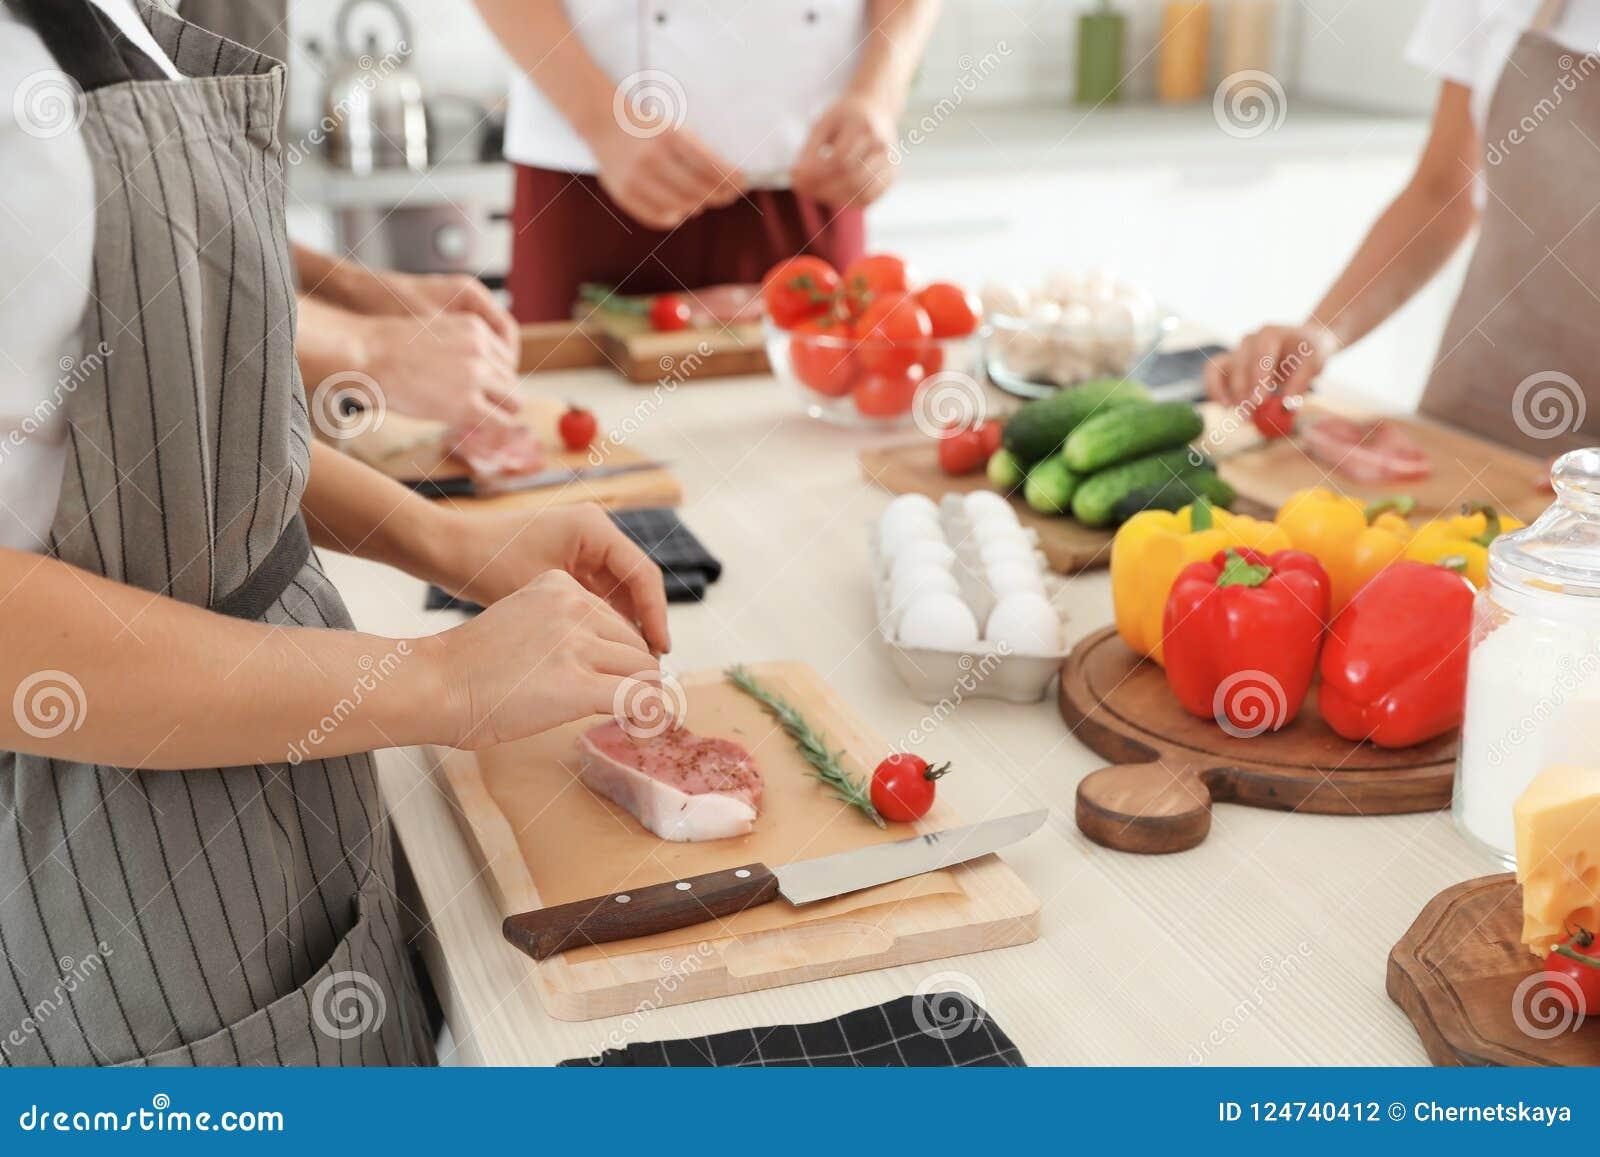 Ομάδα ανθρώπων που προετοιμάζει το κρέας στο μαγείρεμα των κατηγοριών